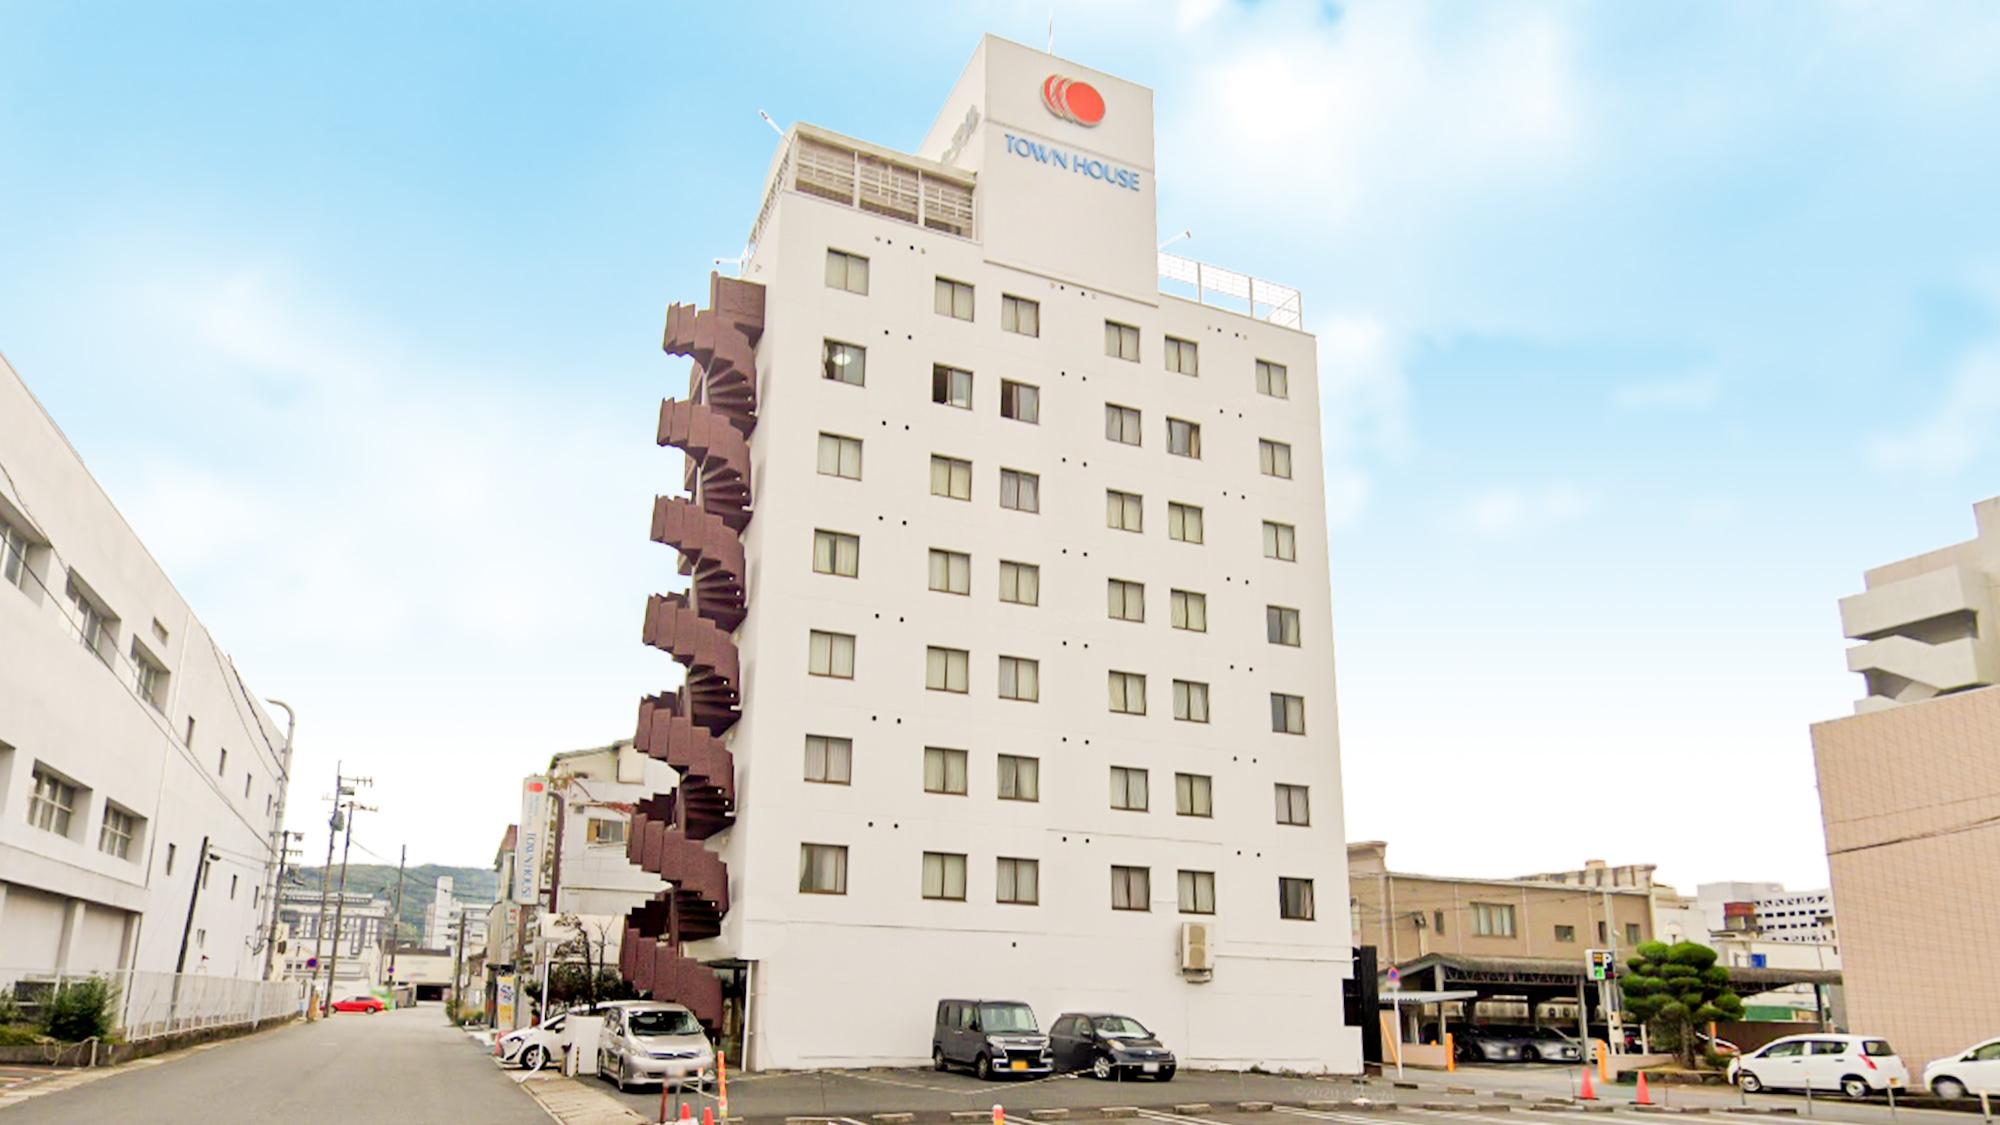 津山セントラルホテル タウンハウス 津山城前(BBHホテルグループ)の施設画像